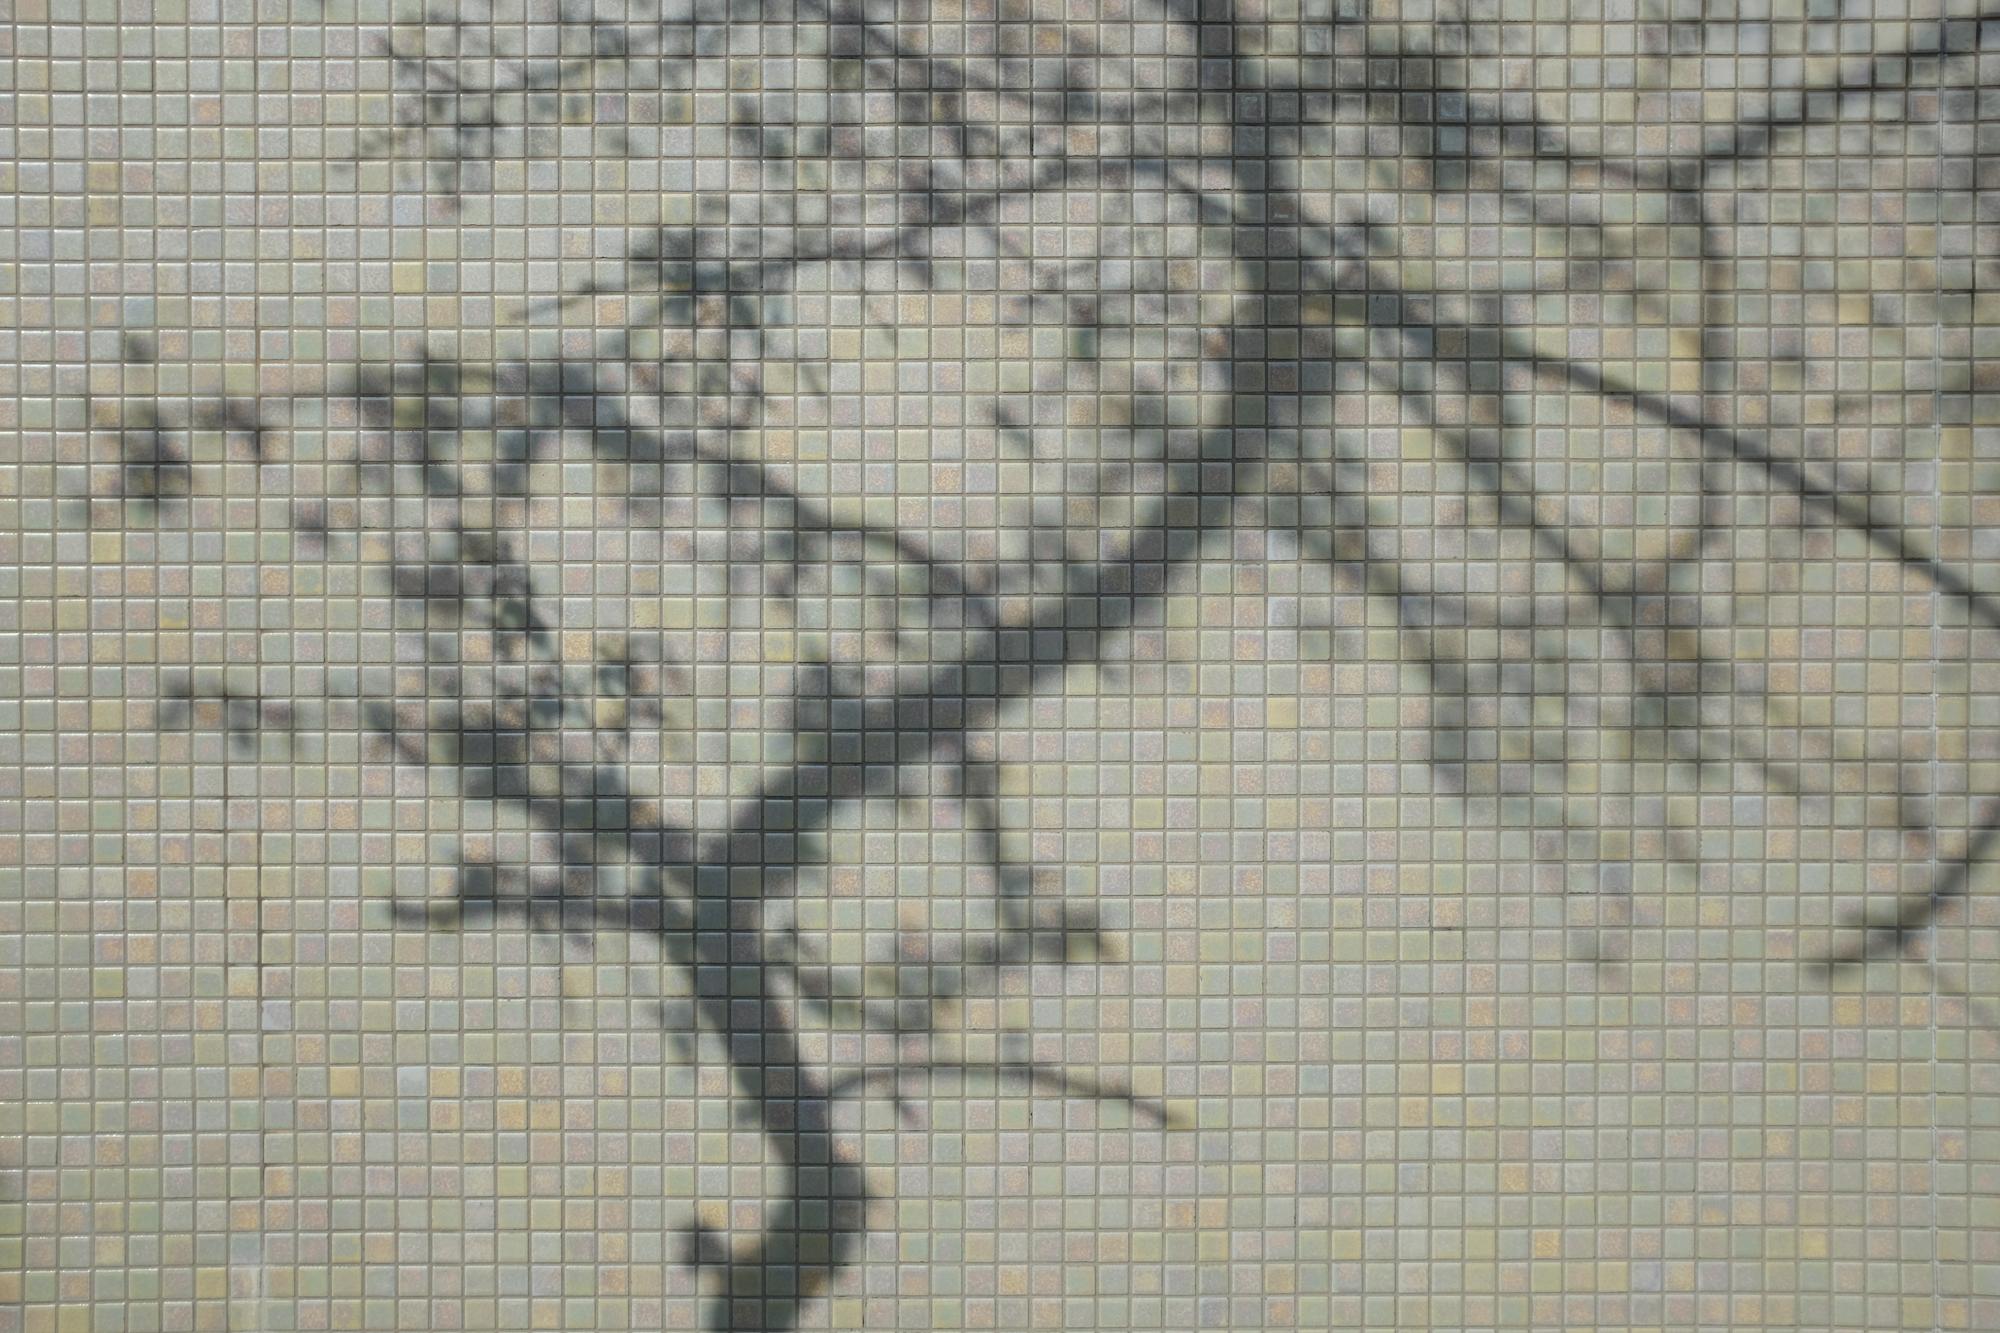 Tokytrees-1655.jpg